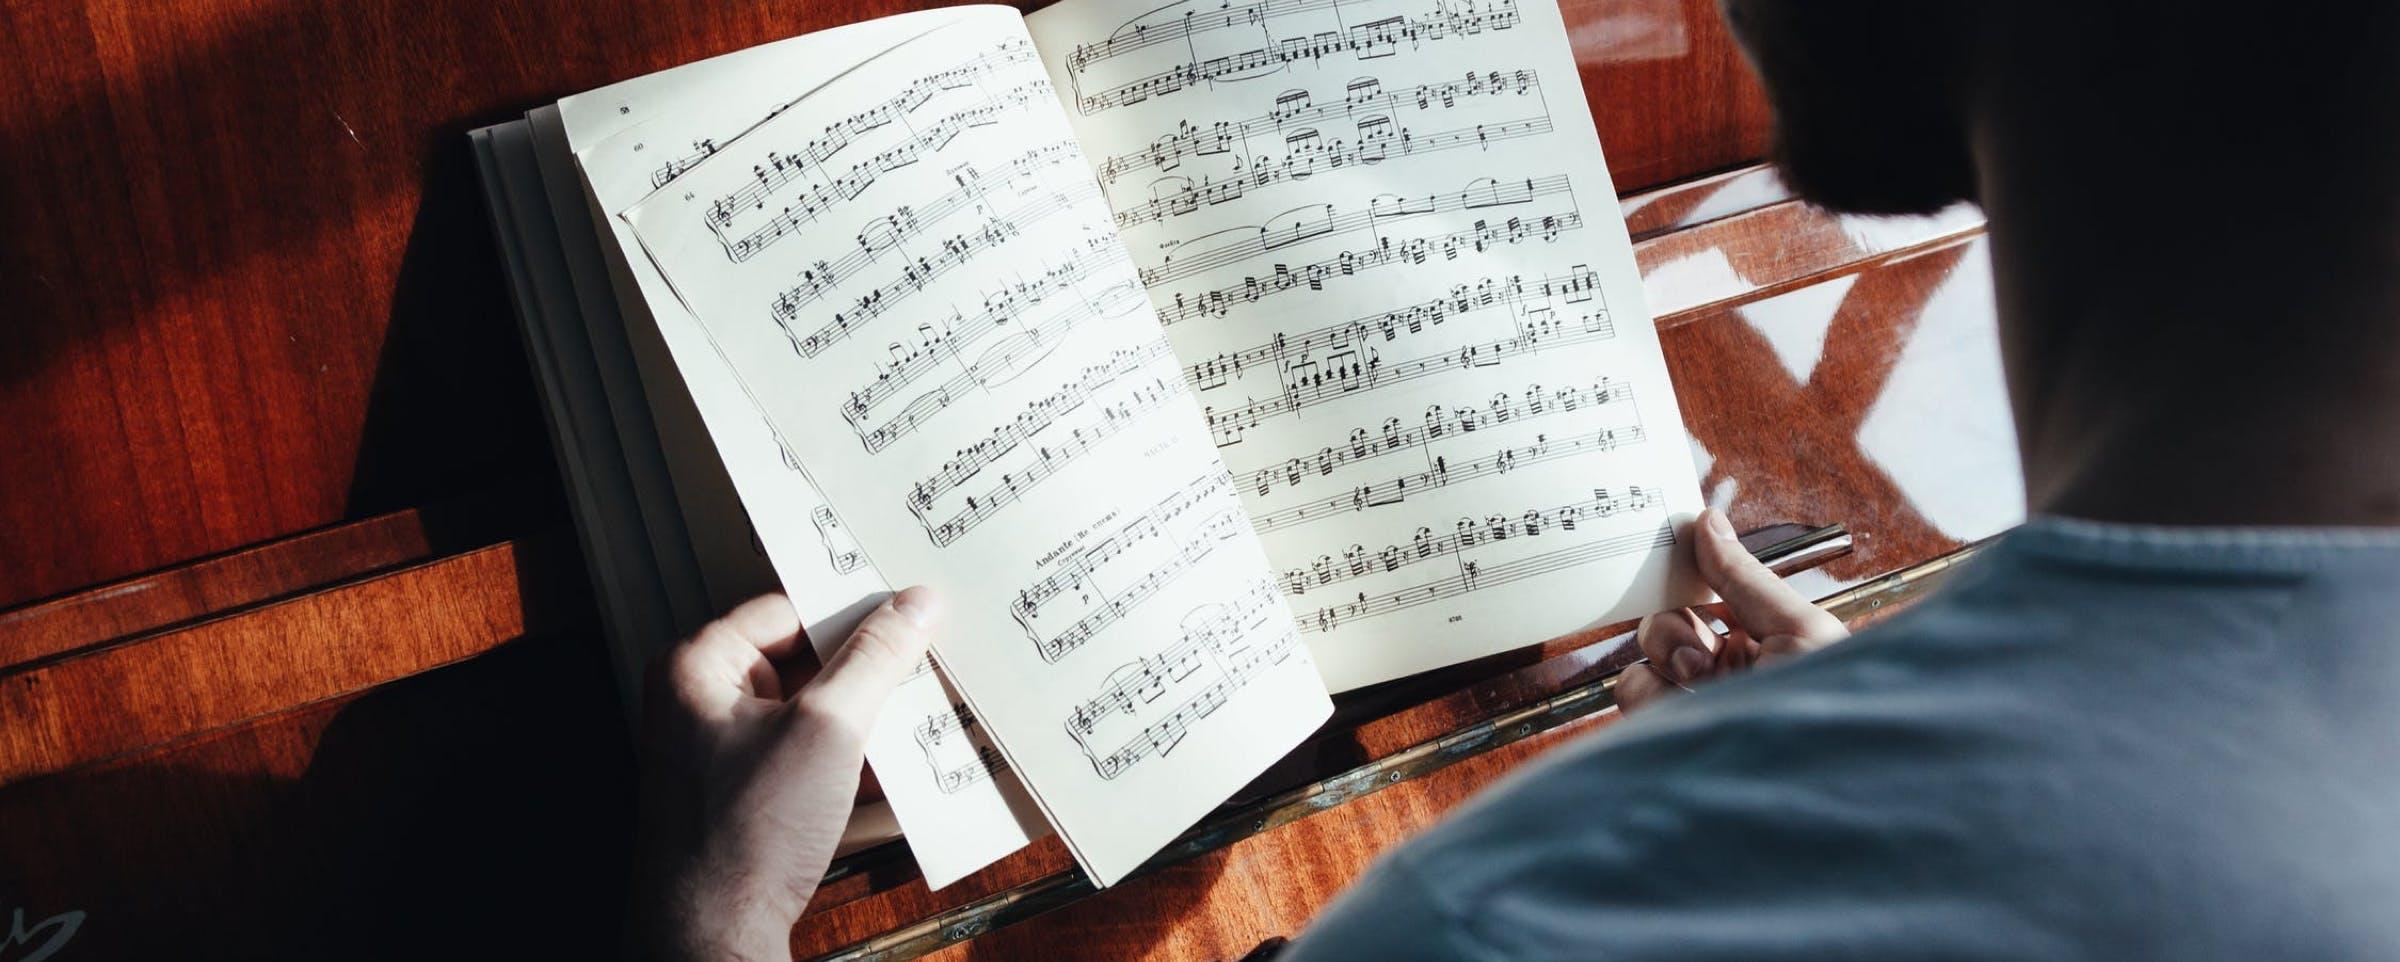 Musiknoten und ein Klavier